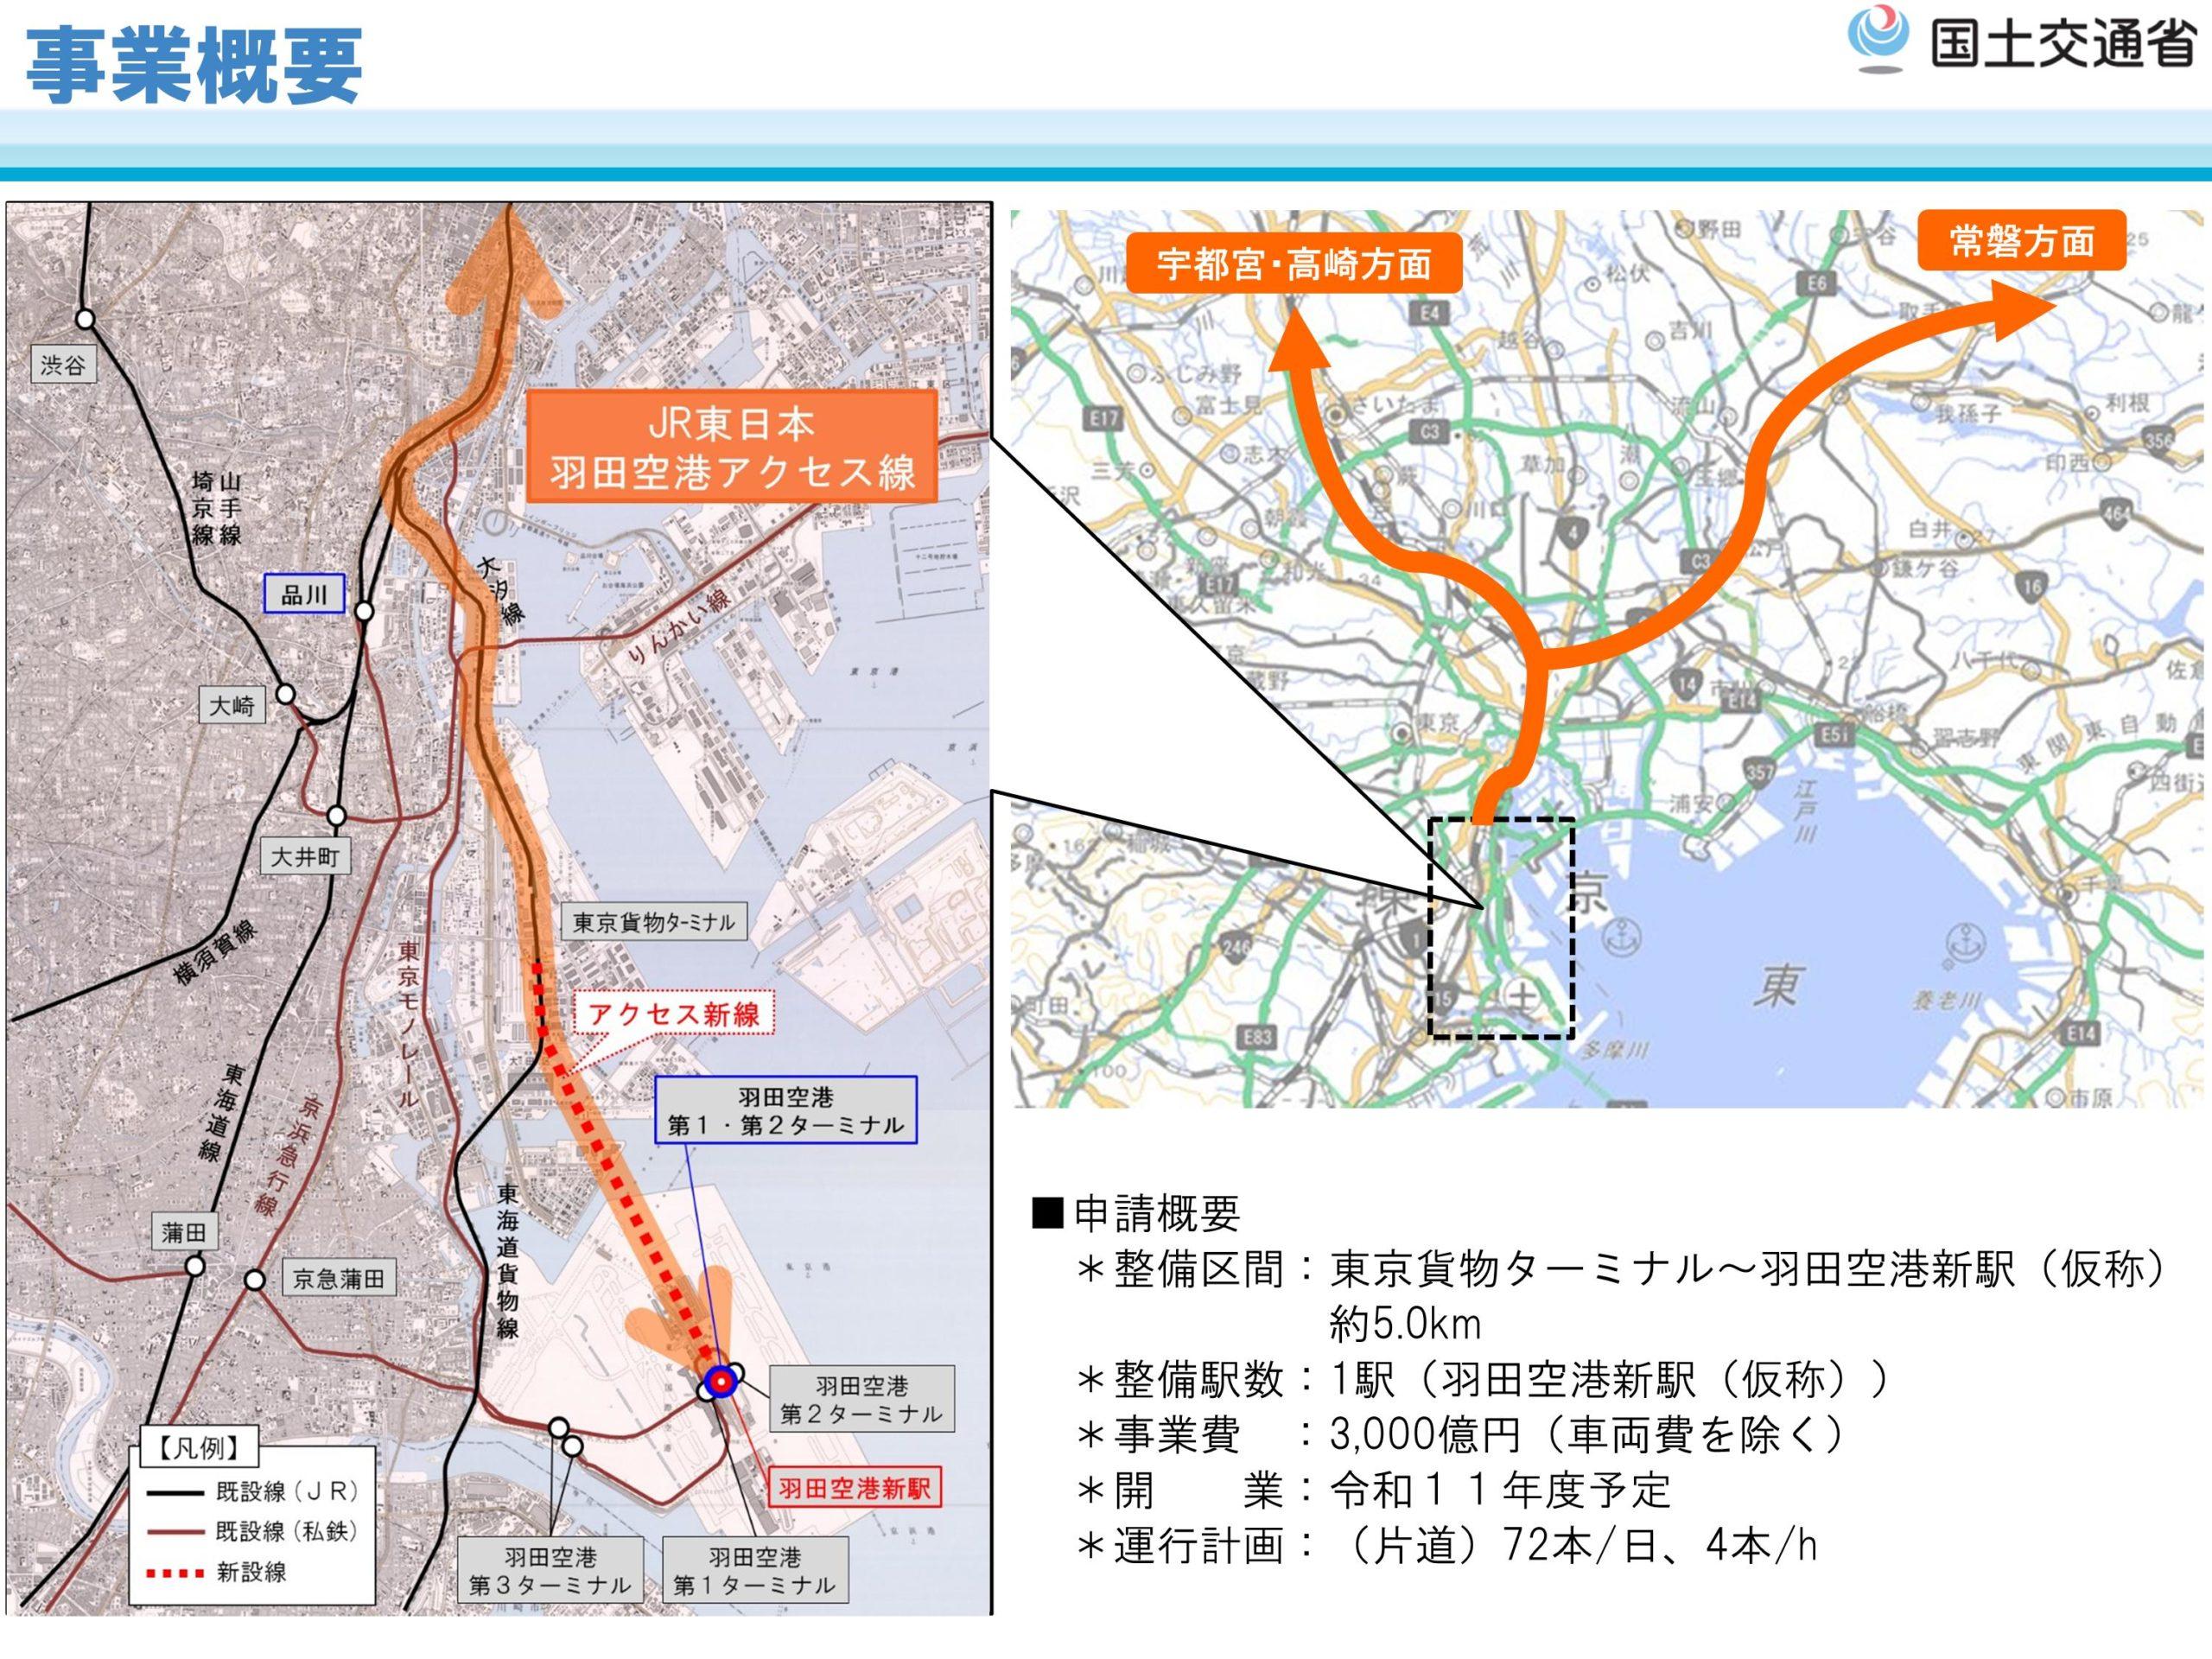 国土交通省がJR東日本の「羽田空港アクセス線」の鉄道事業を許可